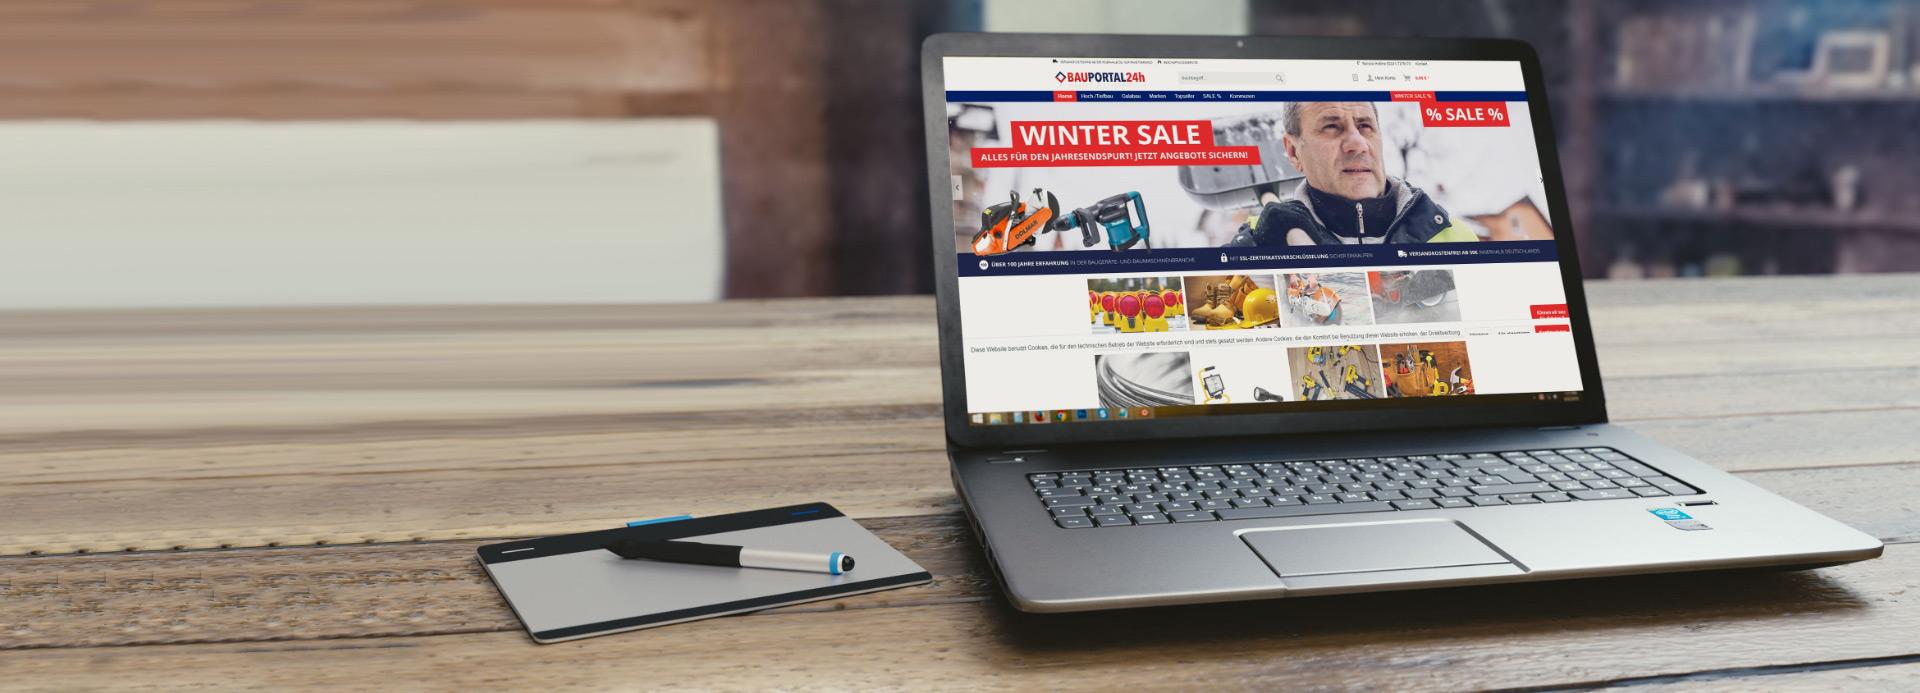 Foto mit Laptop und Website Bauportal24 für Software Entwicklung